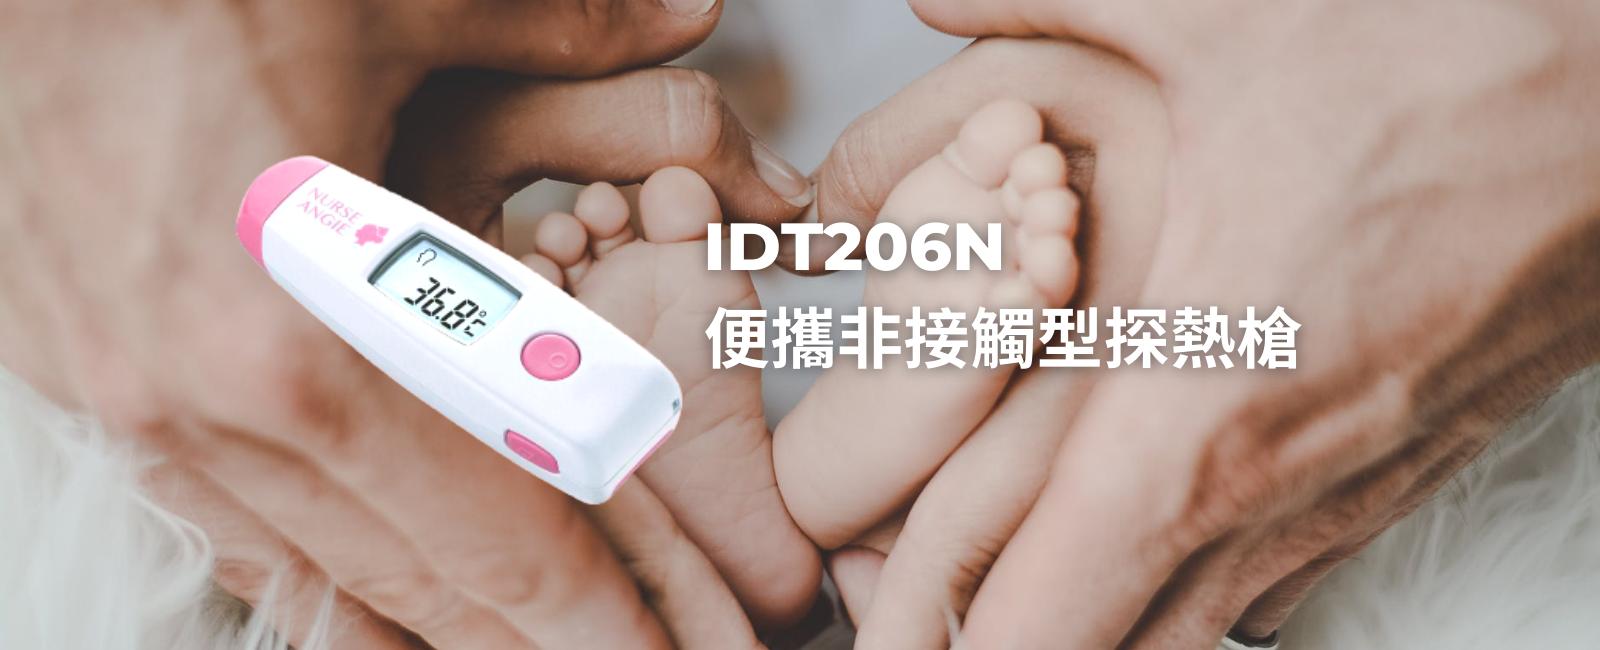 IDT206N